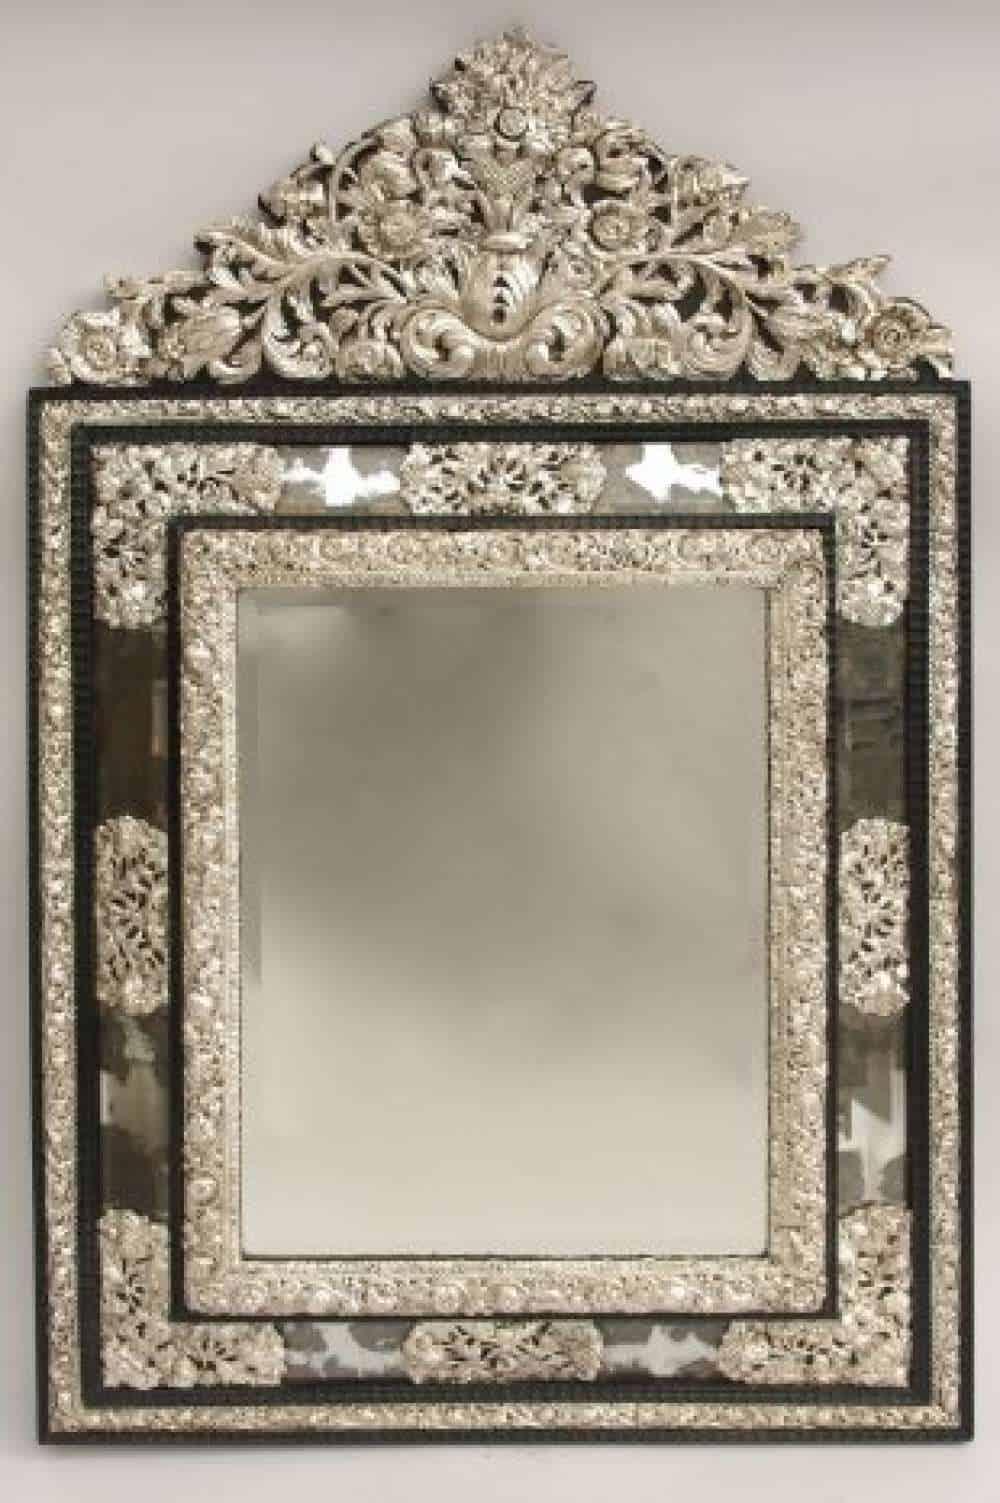 le march biron grand miroir pareclose de style louis. Black Bedroom Furniture Sets. Home Design Ideas